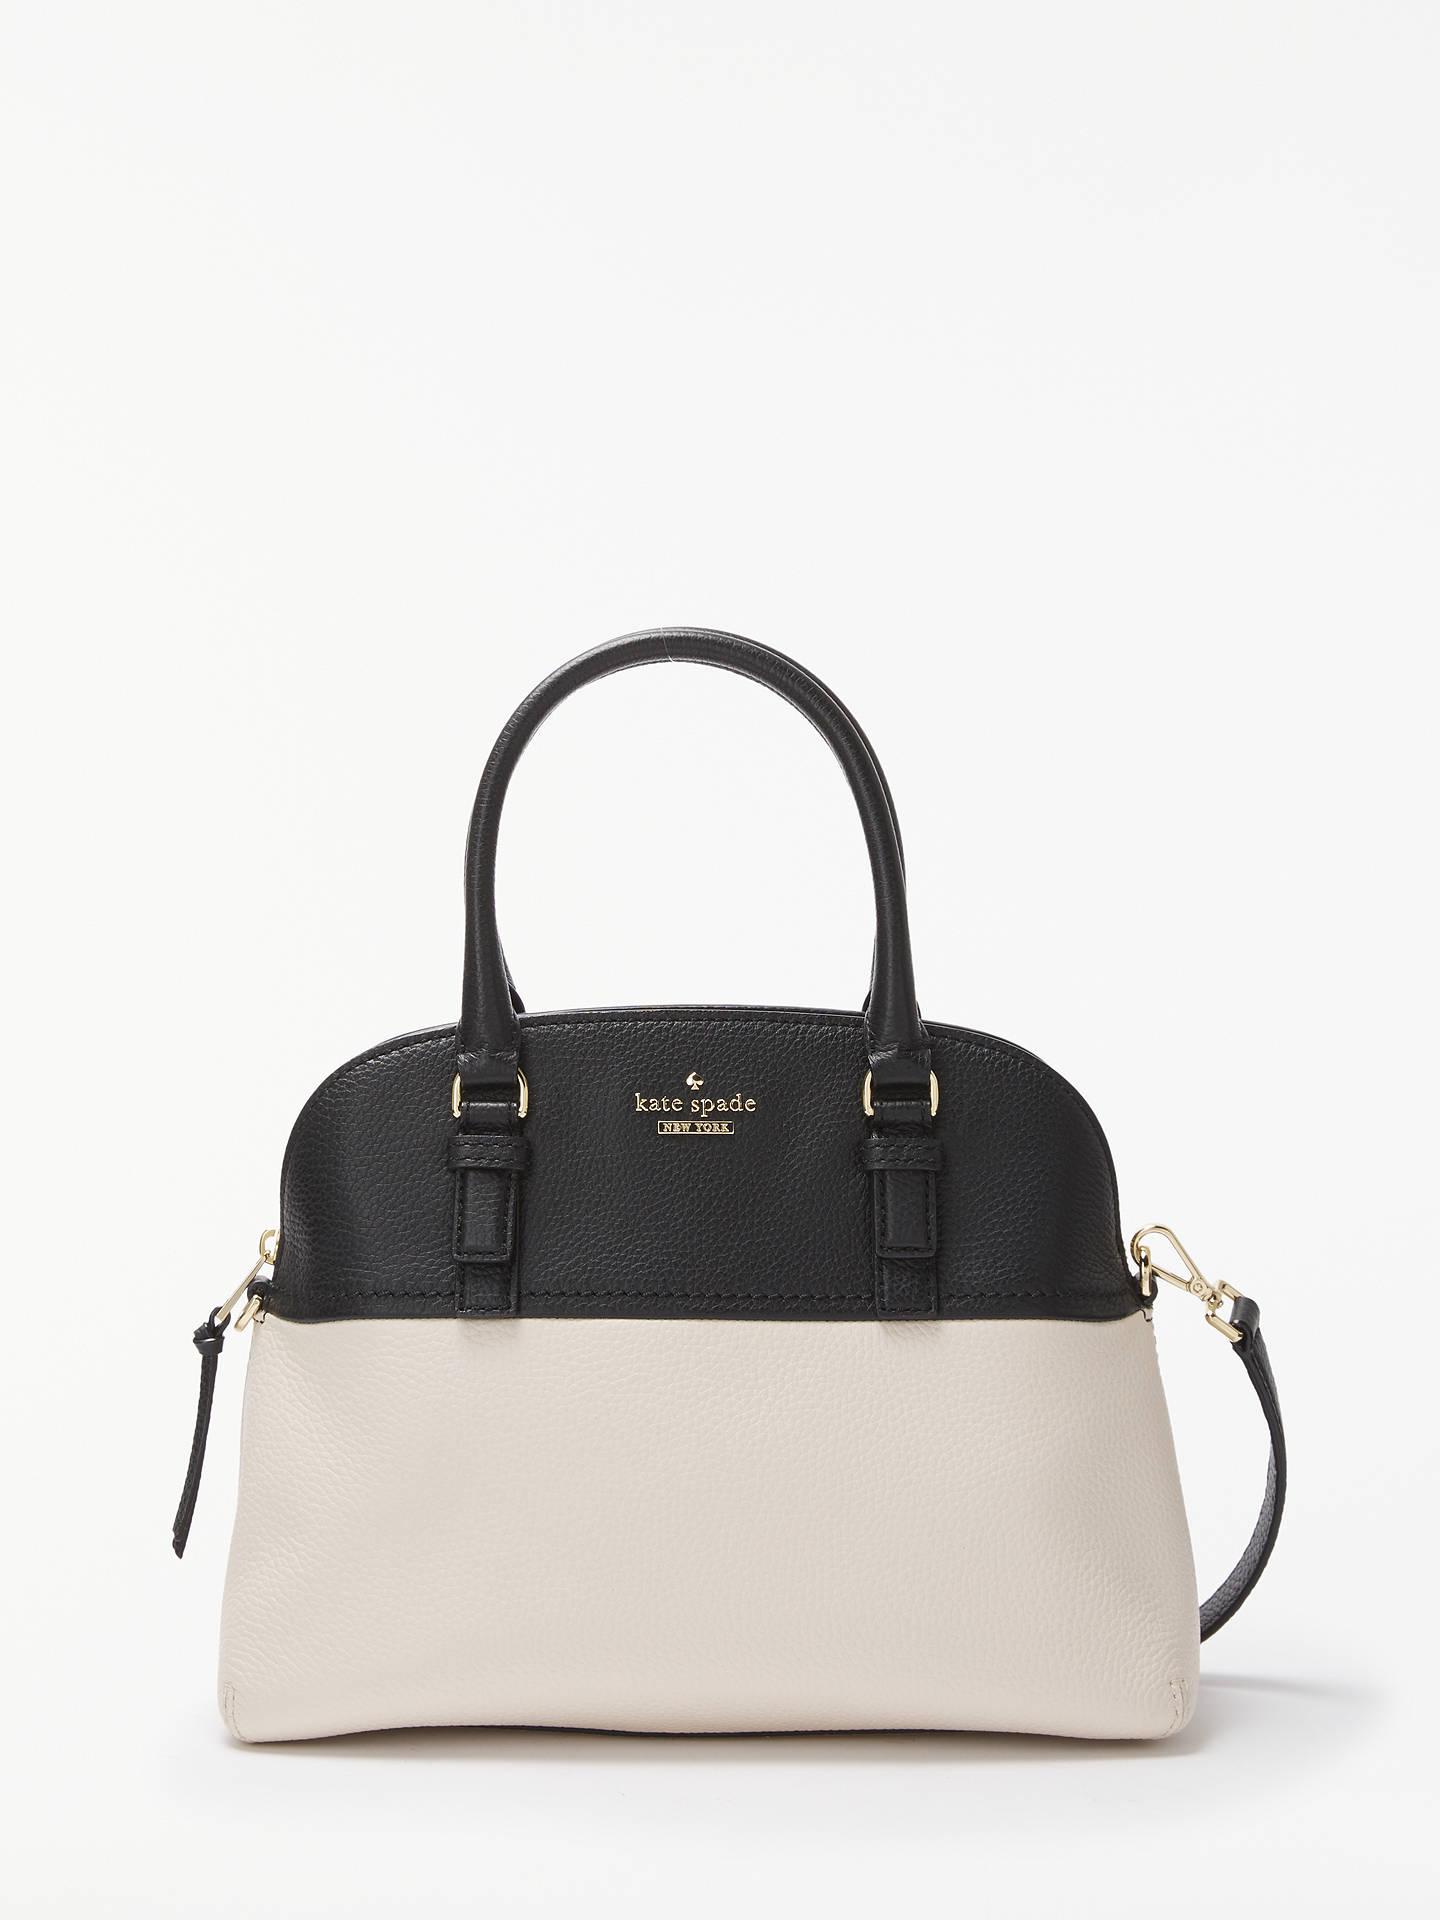 a53d9b4dcf Kate Spade Travel Makeup Bags